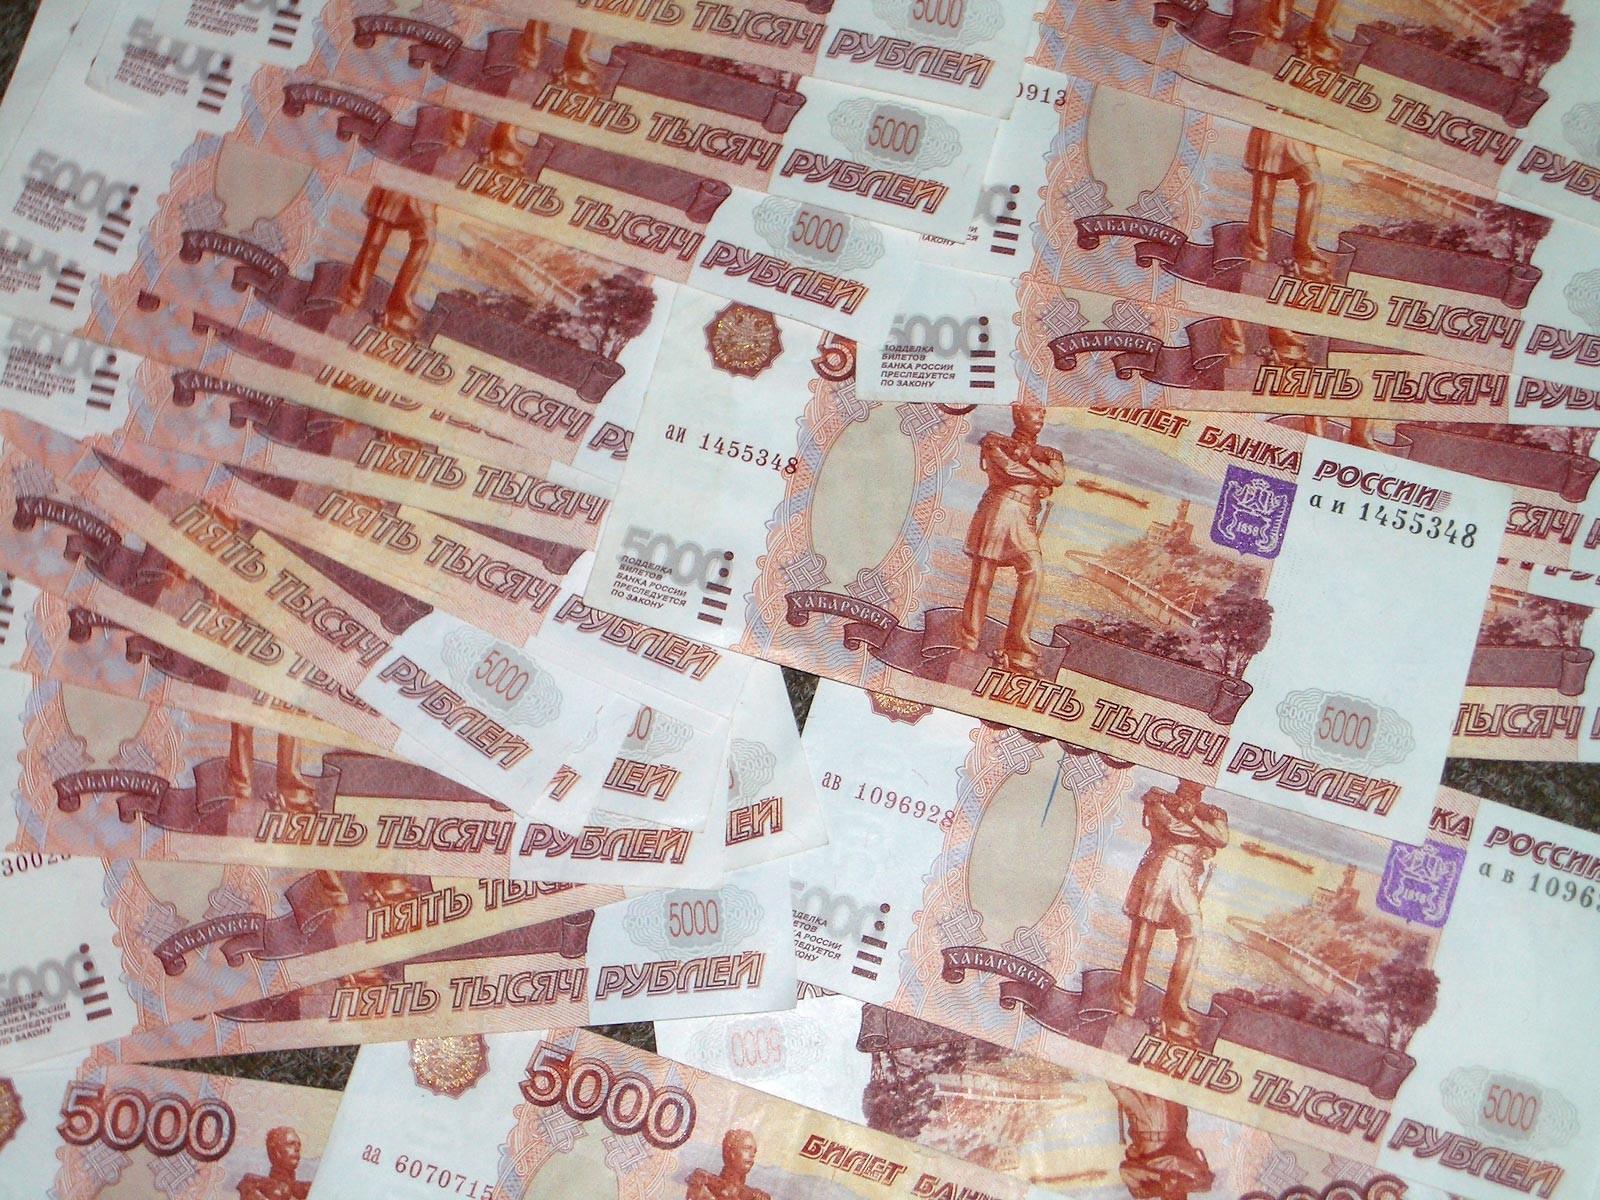 ЦБ в предыдущем году выявил неменее 61 тыс. поддельных денежных знаков